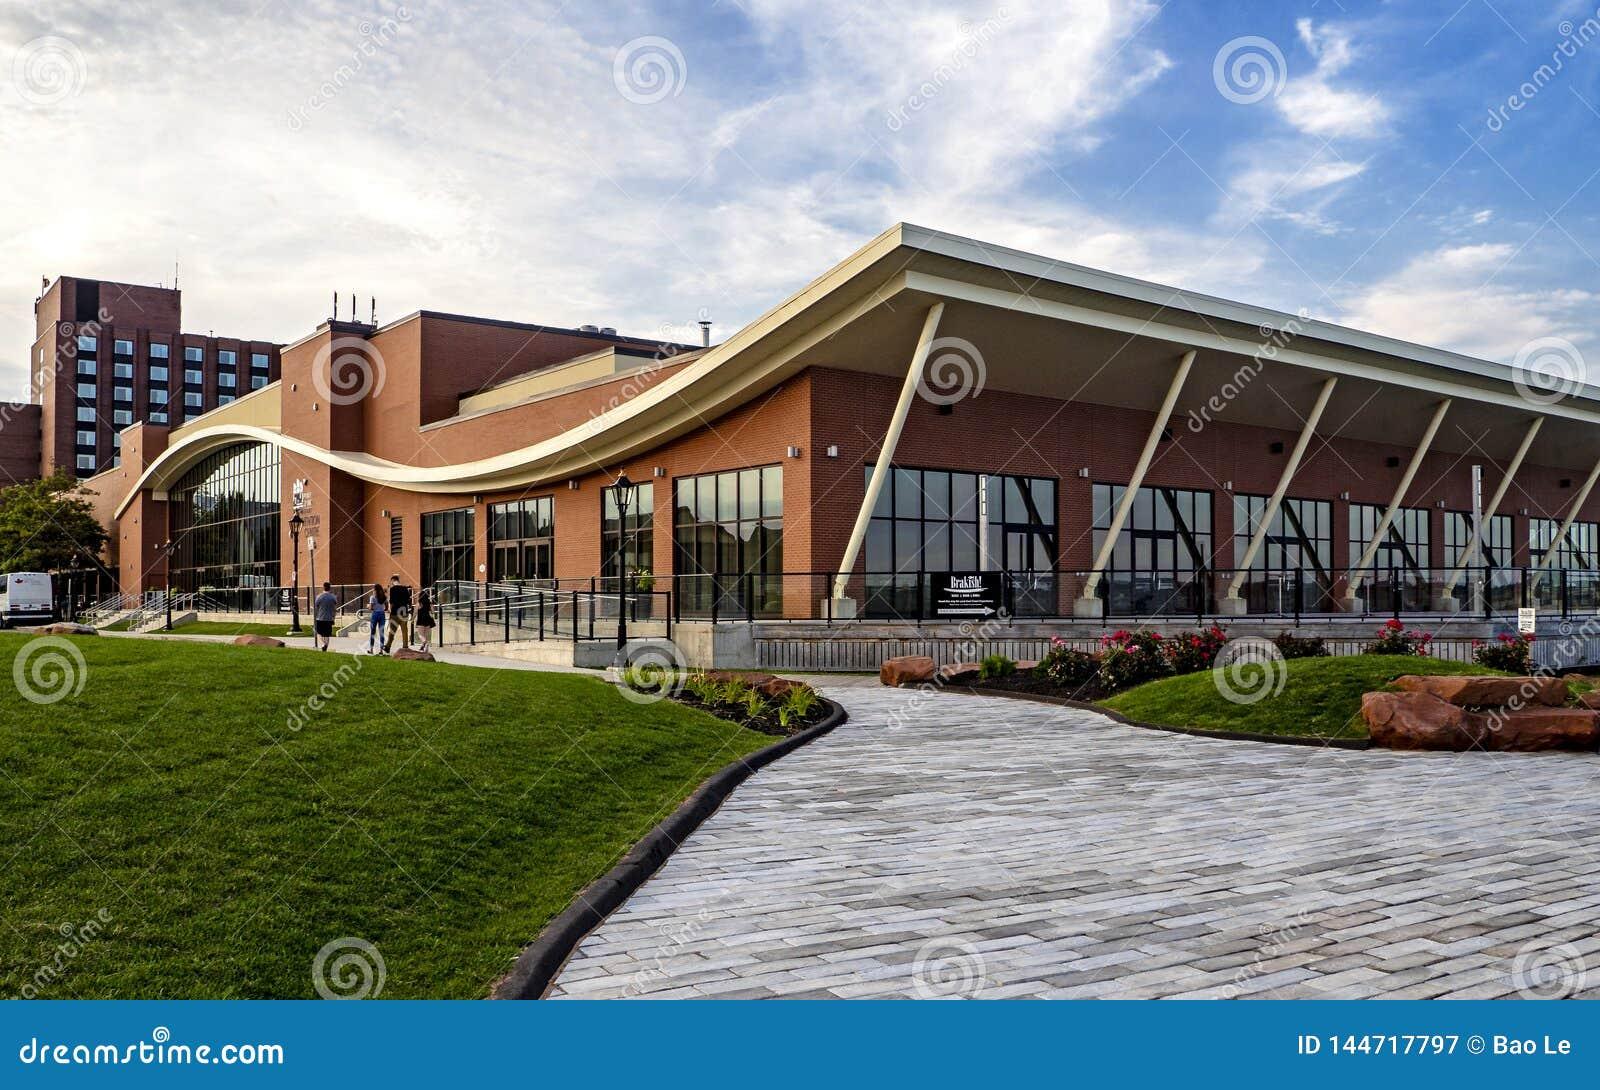 Hoteles de PEI Convention Centre y del delta de príncipe Edward de Marriott por la tarde hermosa en Charlottetown,